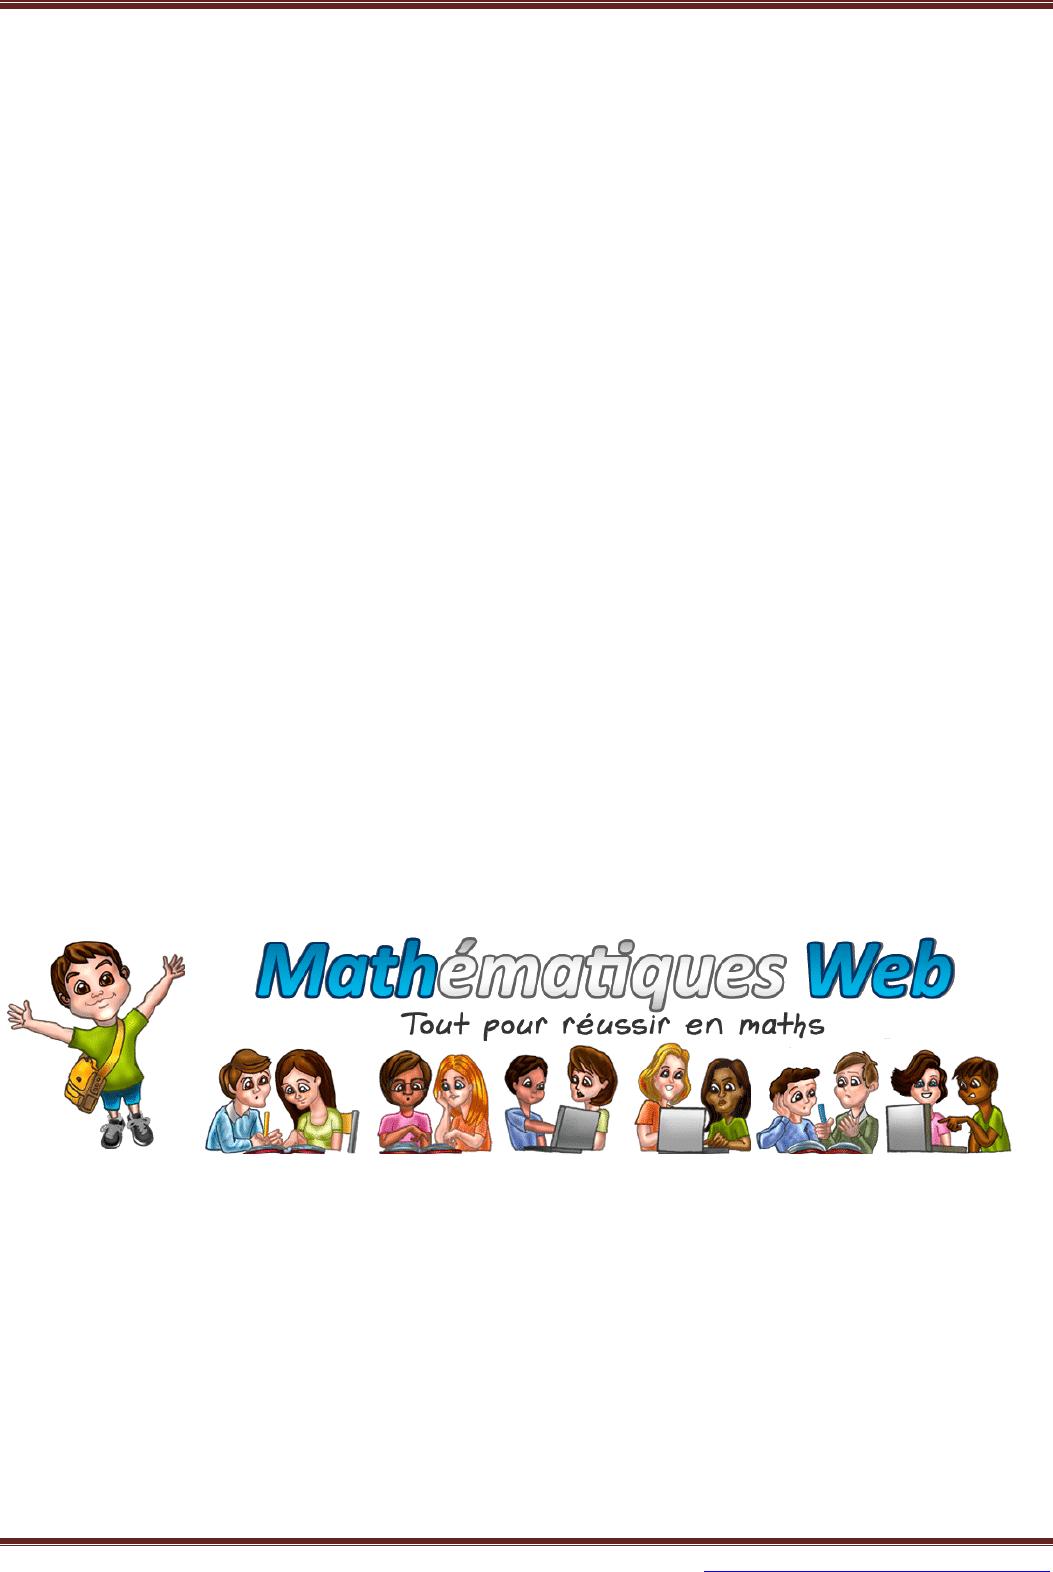 Cherche Jardinier Inspirant Exercices De Maths En Troisime Mathematiques Web De Of 32 Génial Cherche Jardinier